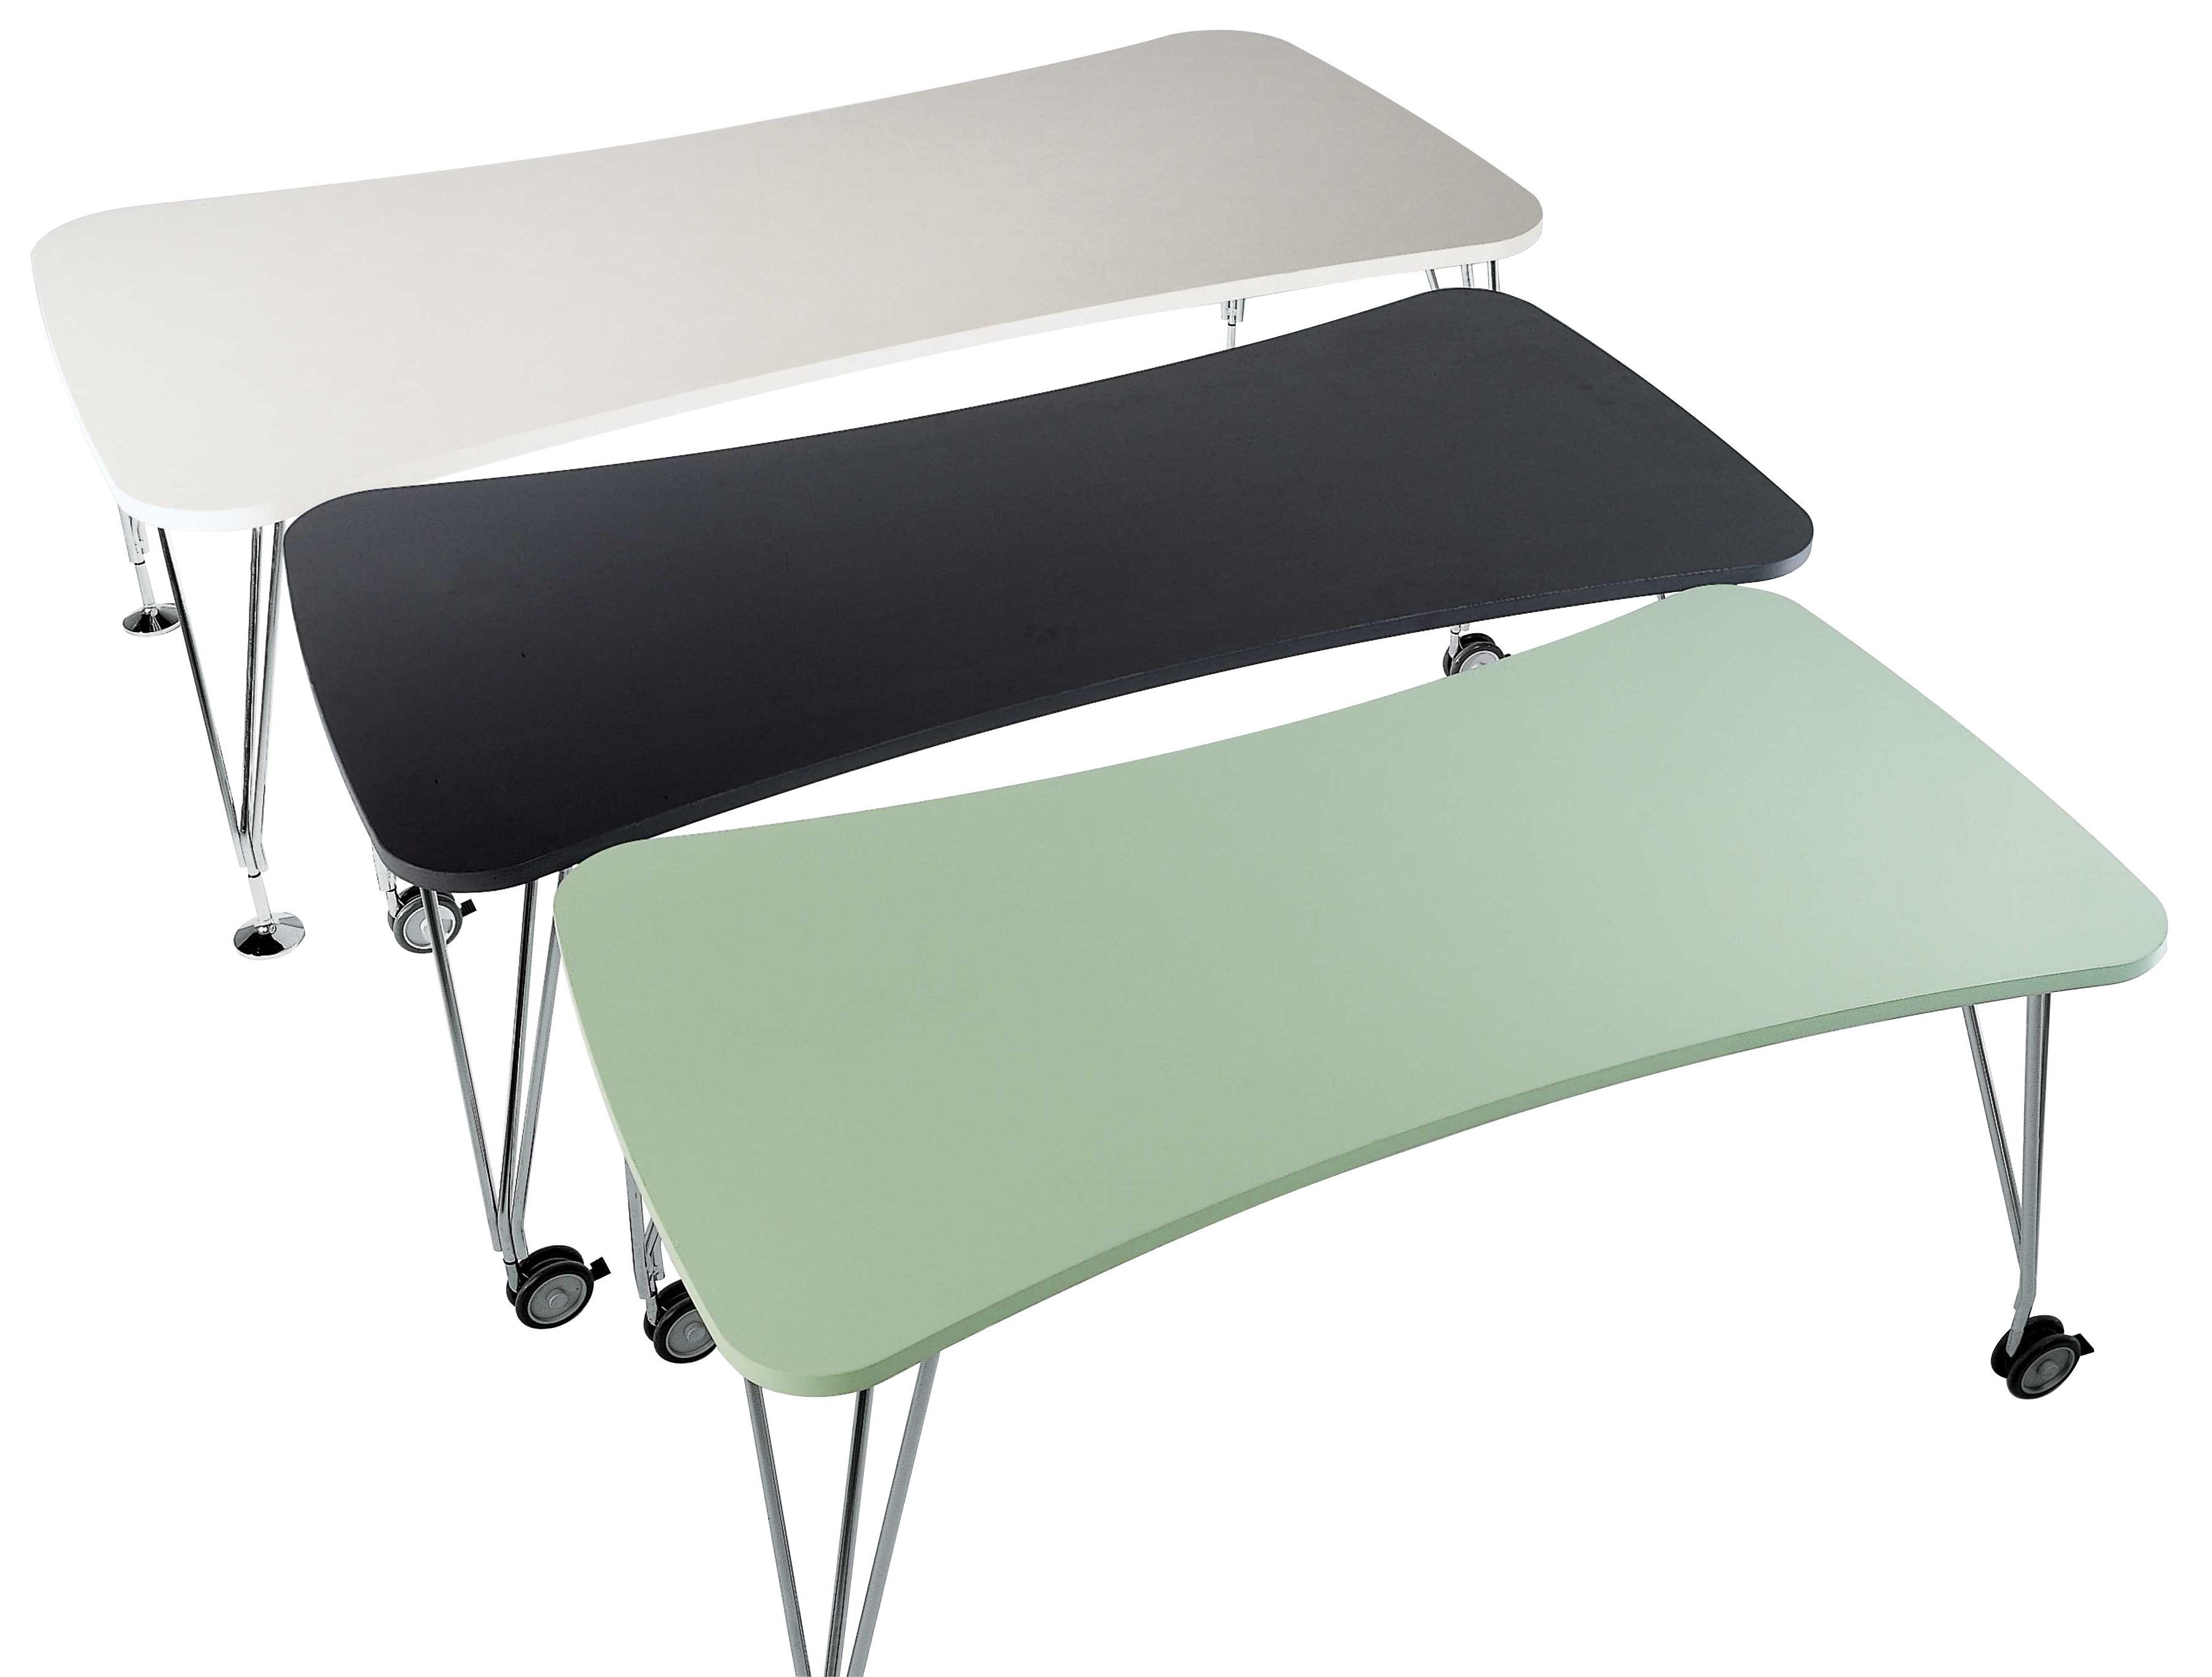 Möbel - Möbel für Teens - Max Tisch mit Füßen - 190 cm - Kartell - Weiß 190 cm - Laminat, verchromter Stahl